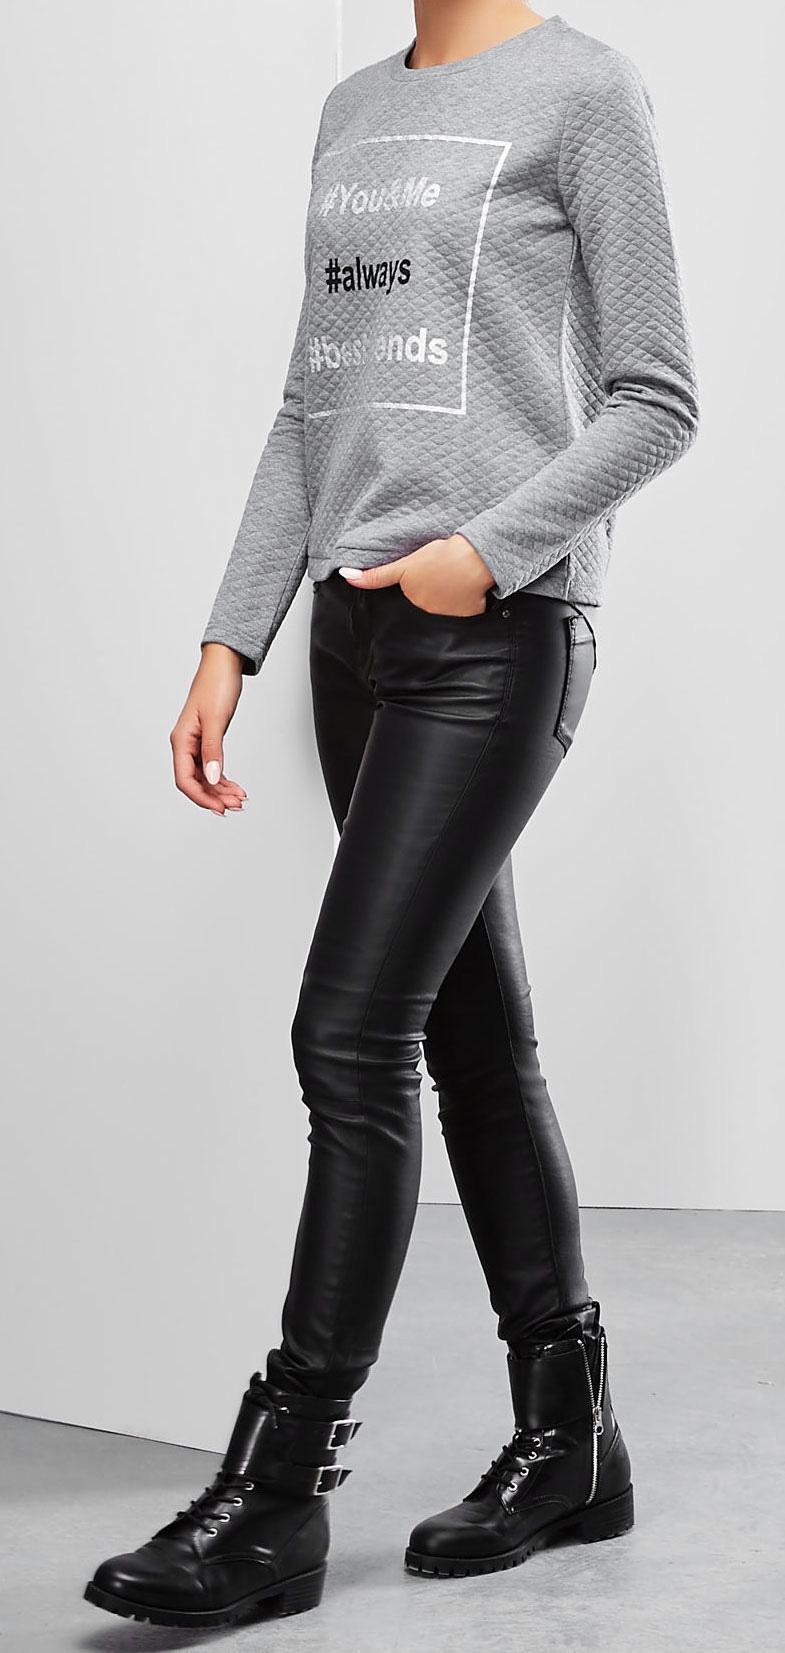 Свитшот женский. Z-BL-1820Z-BL-1820_GRAPHITE MELСтильный женский свитшот Moodo, изготовленный из высококачественного материала, необычайно мягкий и приятный на ощупь, не сковывает движения, обеспечивая наибольший комфорт. Модель с круглым вырезом горловины и длинными рукавами спереди оформлена принтовыми надписями. Изделие дополнено текстильной вставкой с полукруглым низом и разрезом на спинке по центральному шву. Эта модная и в тоже время комфортная модель станет отличным дополнением к вашему гардеробу!